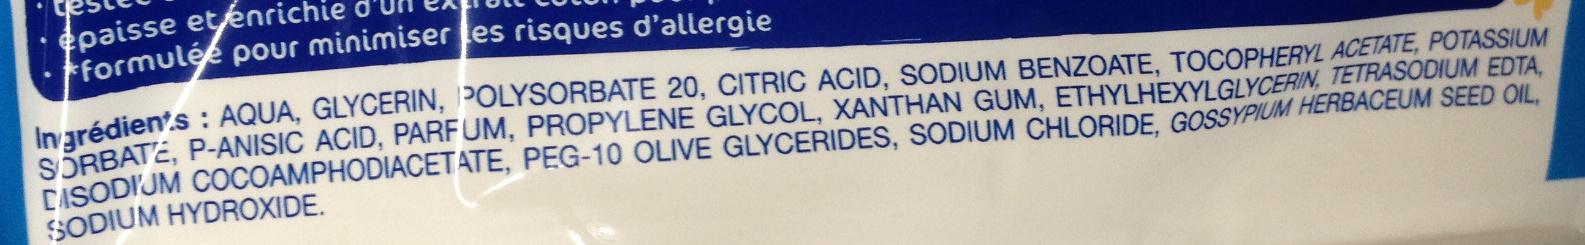 Lingettes douceur à l'eau nettoyante - Ingrédients